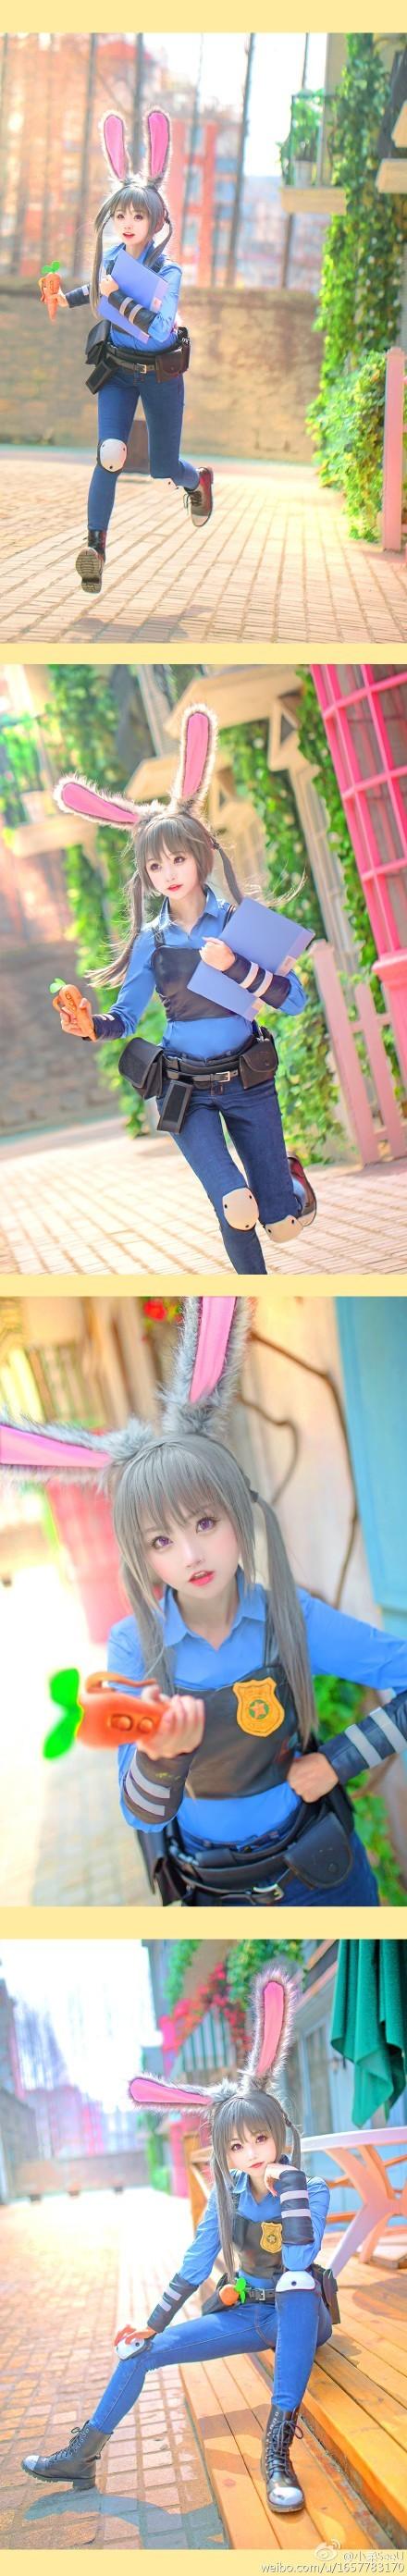 【捕鱼王】超萌美少女「小柔SeeU」 COS拟人化《动物方城市》萌爆你的心